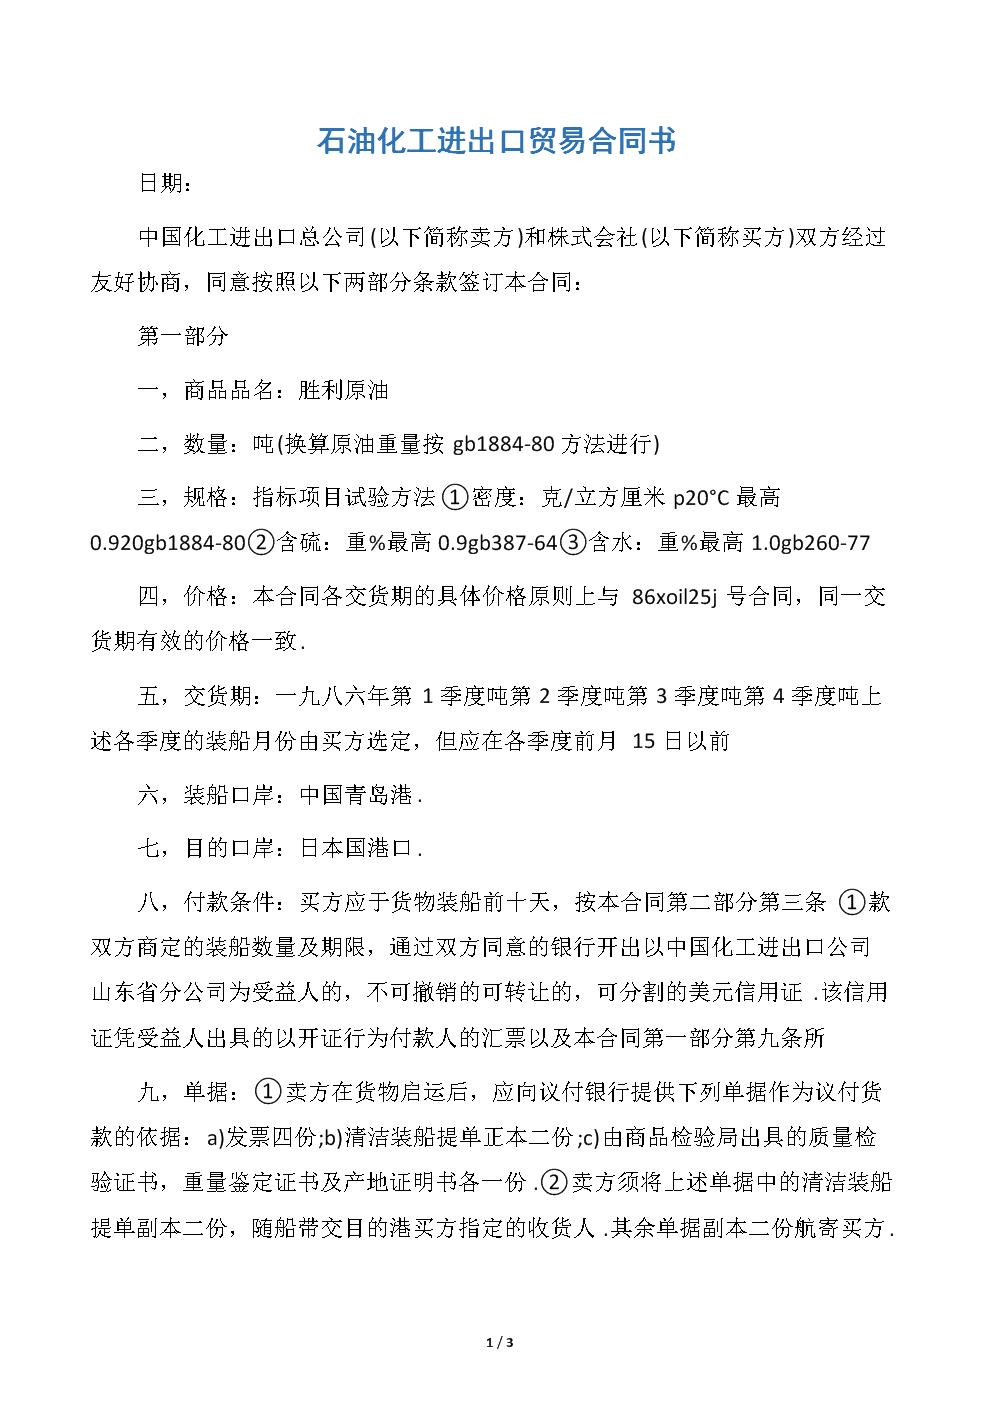 石油化工进出口贸易合同书.docx